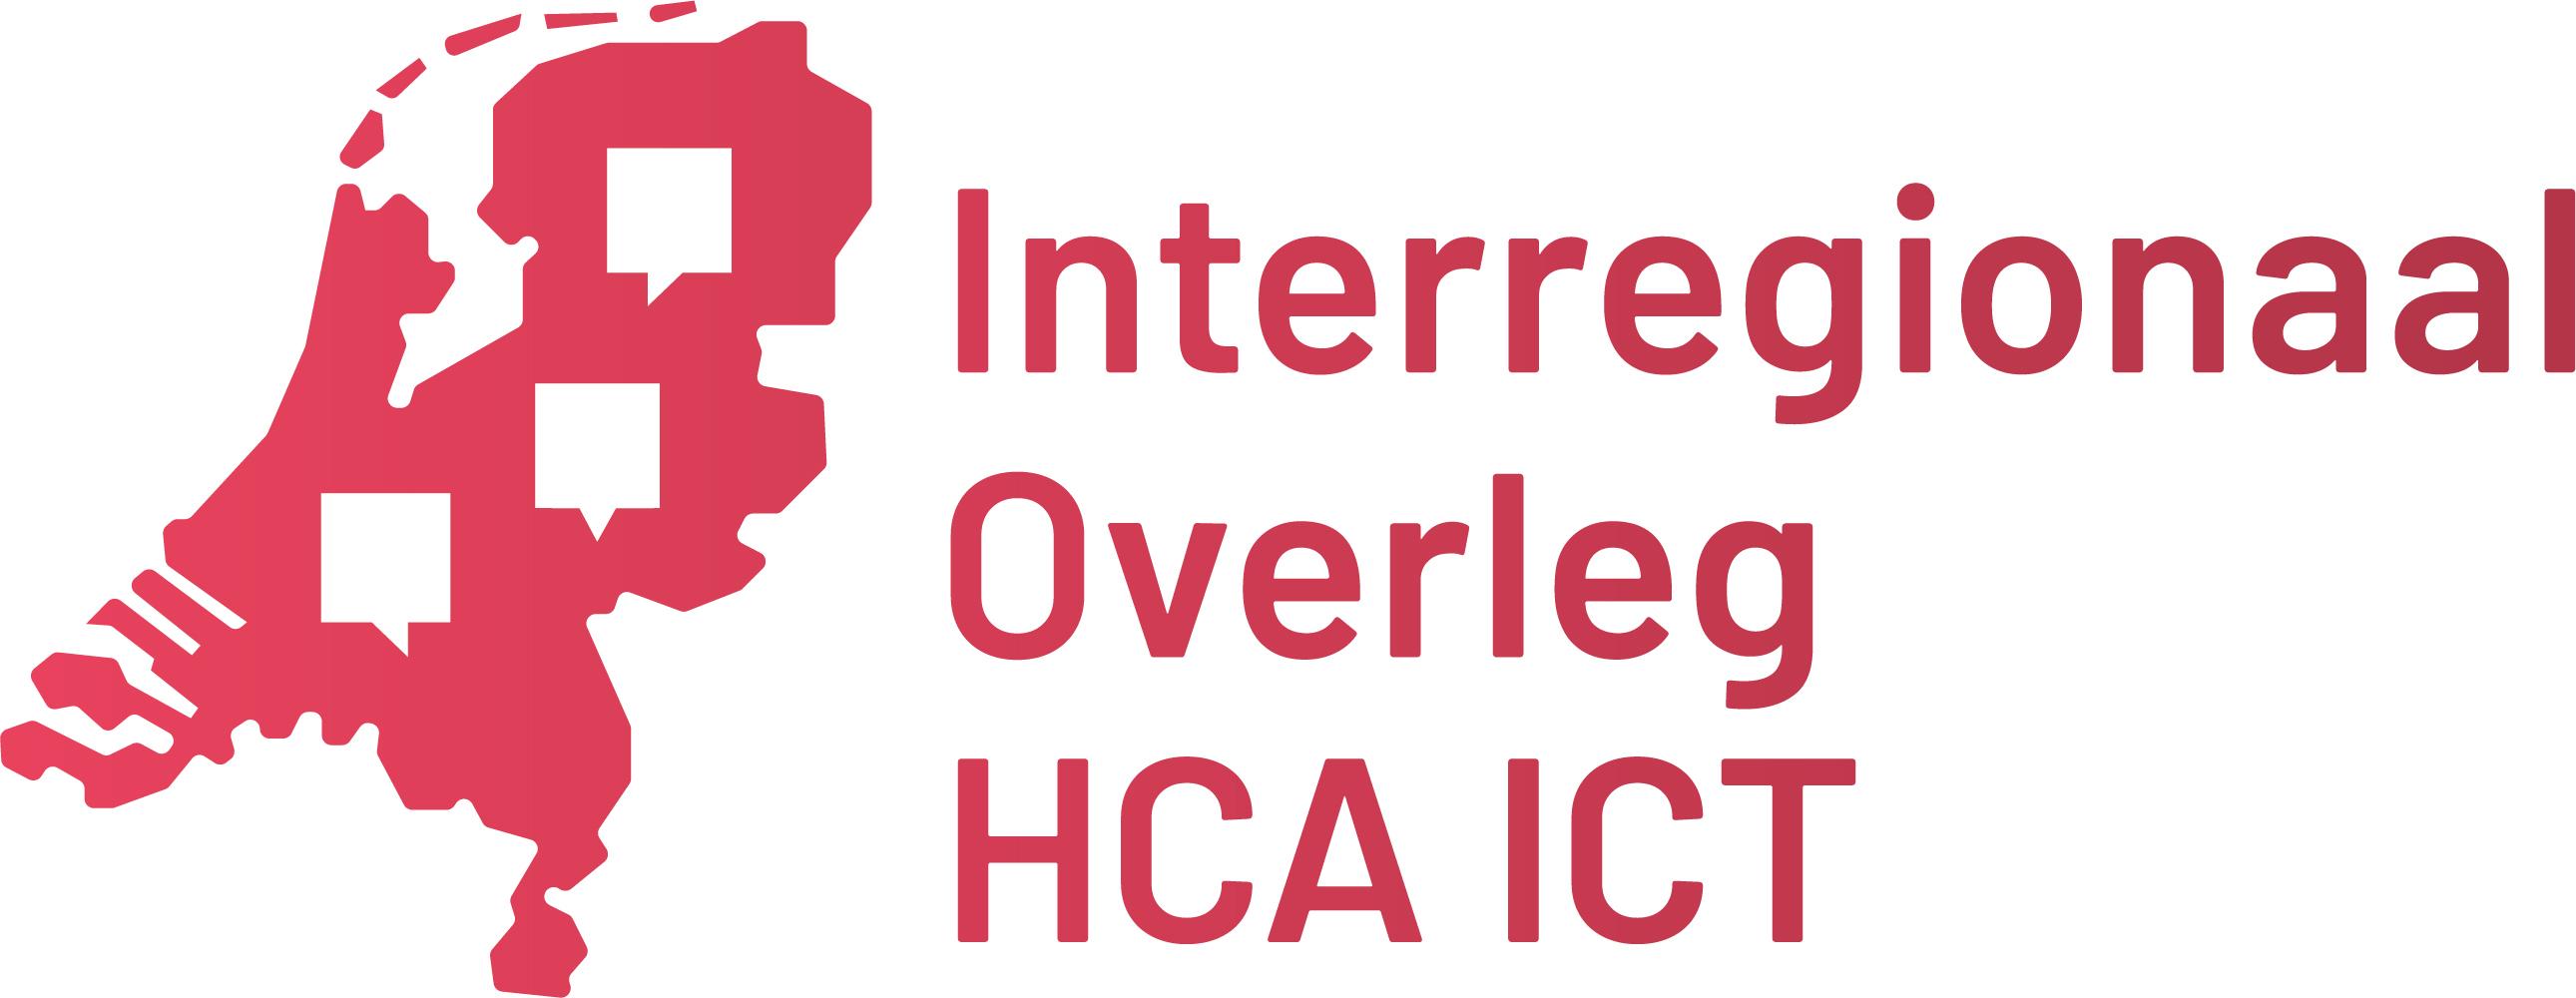 Logo Interregionaal overleg HCA ICT Kaart van Nederland met tekstballonnen erin om het overleggen met elkaar te illustreren